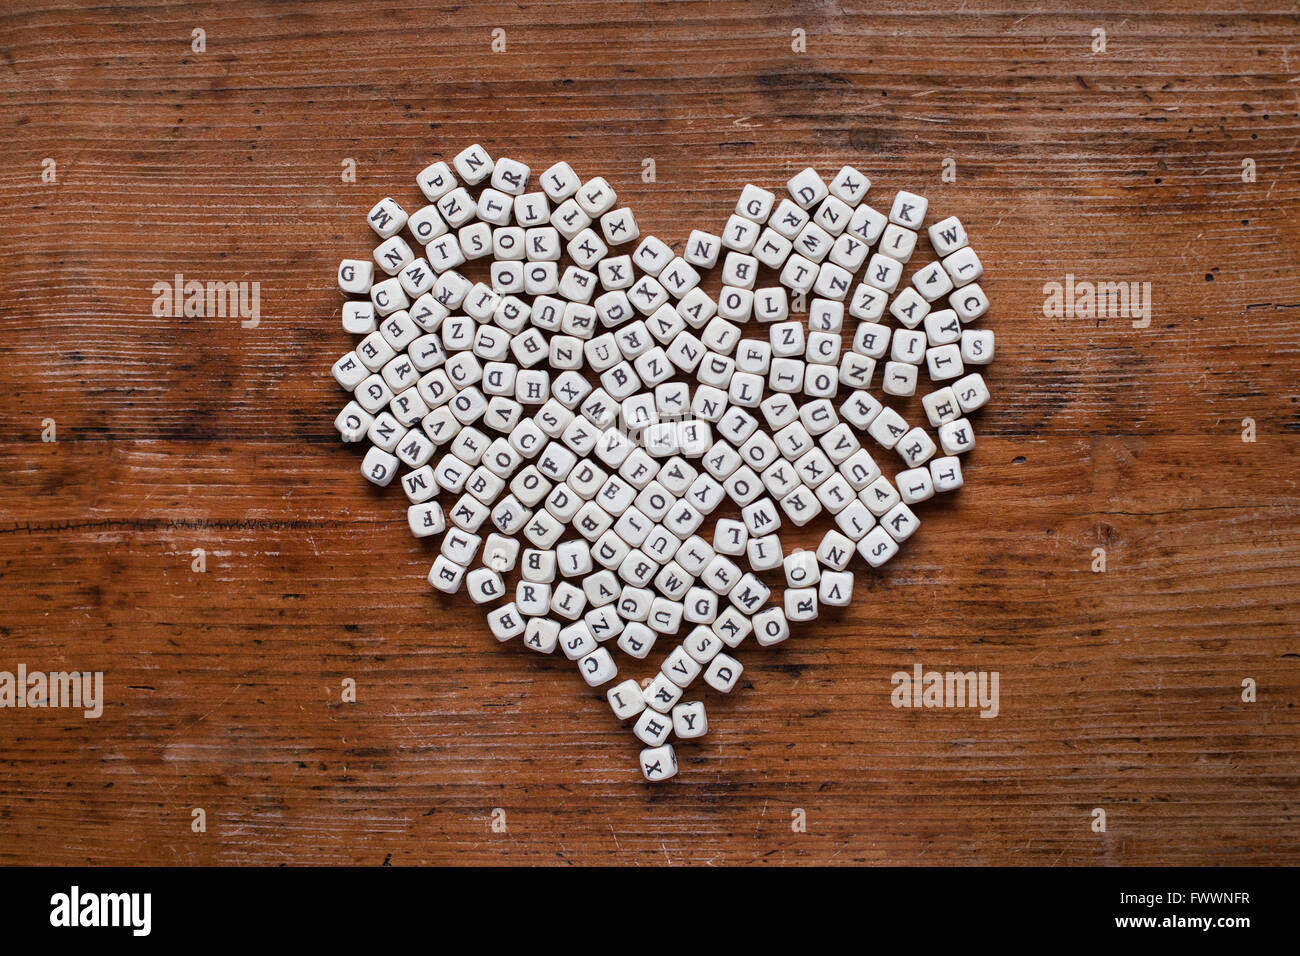 Coeur de lettres sur fond de bois, l'amour de l'apprentissage, l'éducation et l'alphabétisation Photo Stock